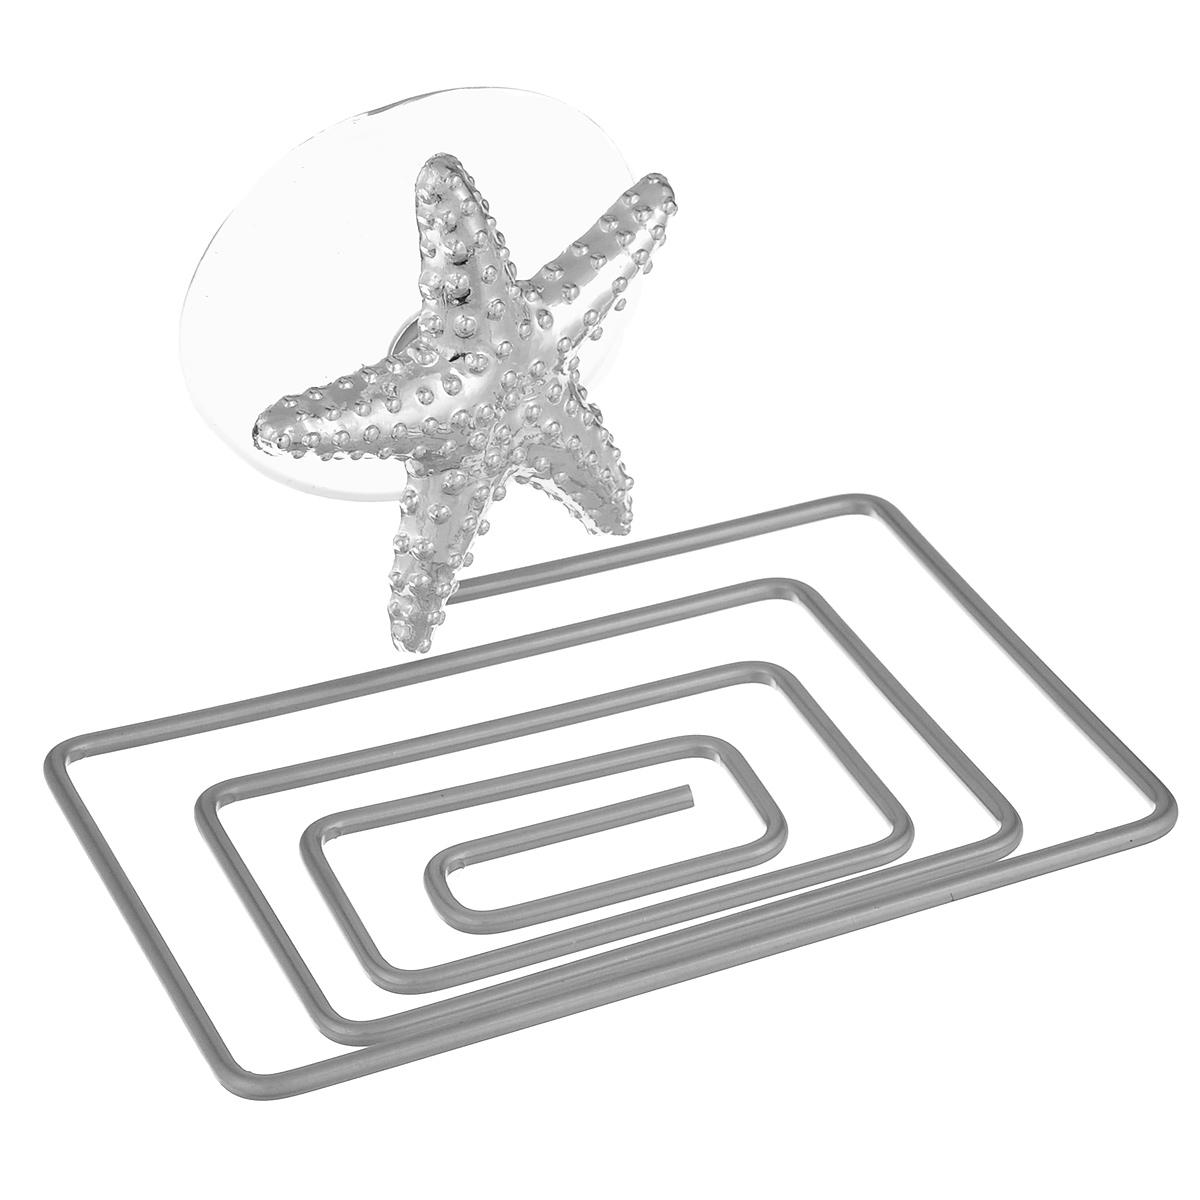 Мыльница Home Queen Морская звезда, цвет: серебристый, 12 х 9 х 9 см13296Мыльница Home Queen Морская звезда выполнена из хромированной стали и украшена пластиковой фигуркой. Крепится к стене при помощи присоски. Такая мыльница прекрасно подойдет для ванной комнаты или кухни.